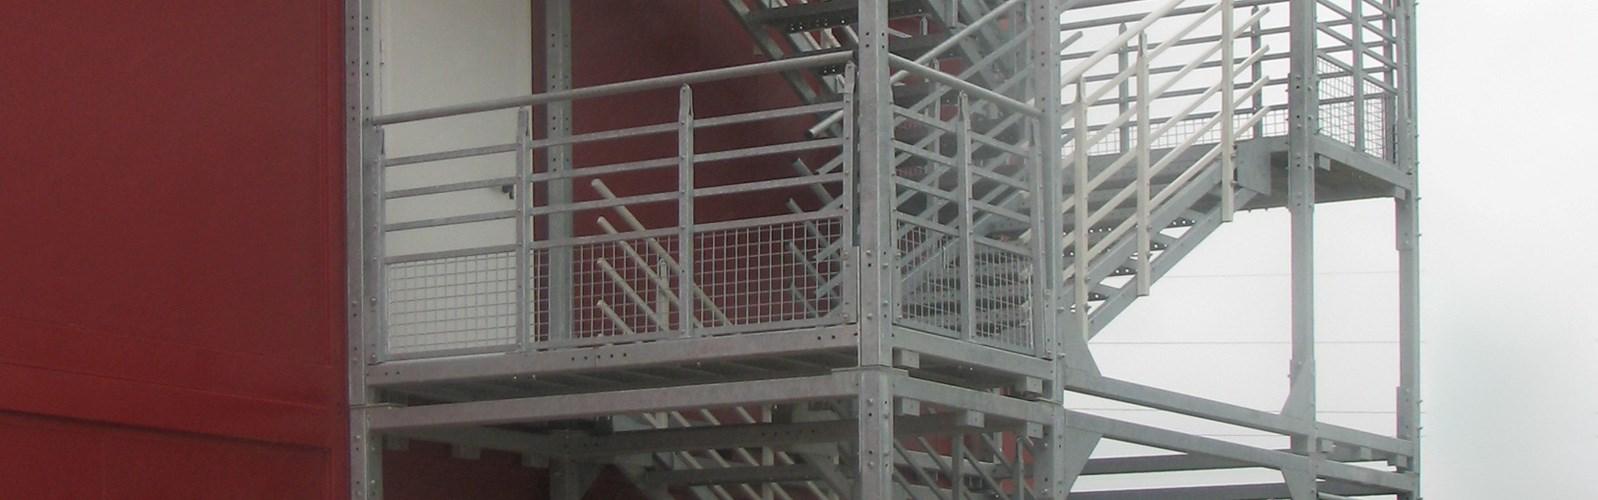 Cage d escalier exterieur escalier de secours with cage d - Cage d escalier exterieur ...